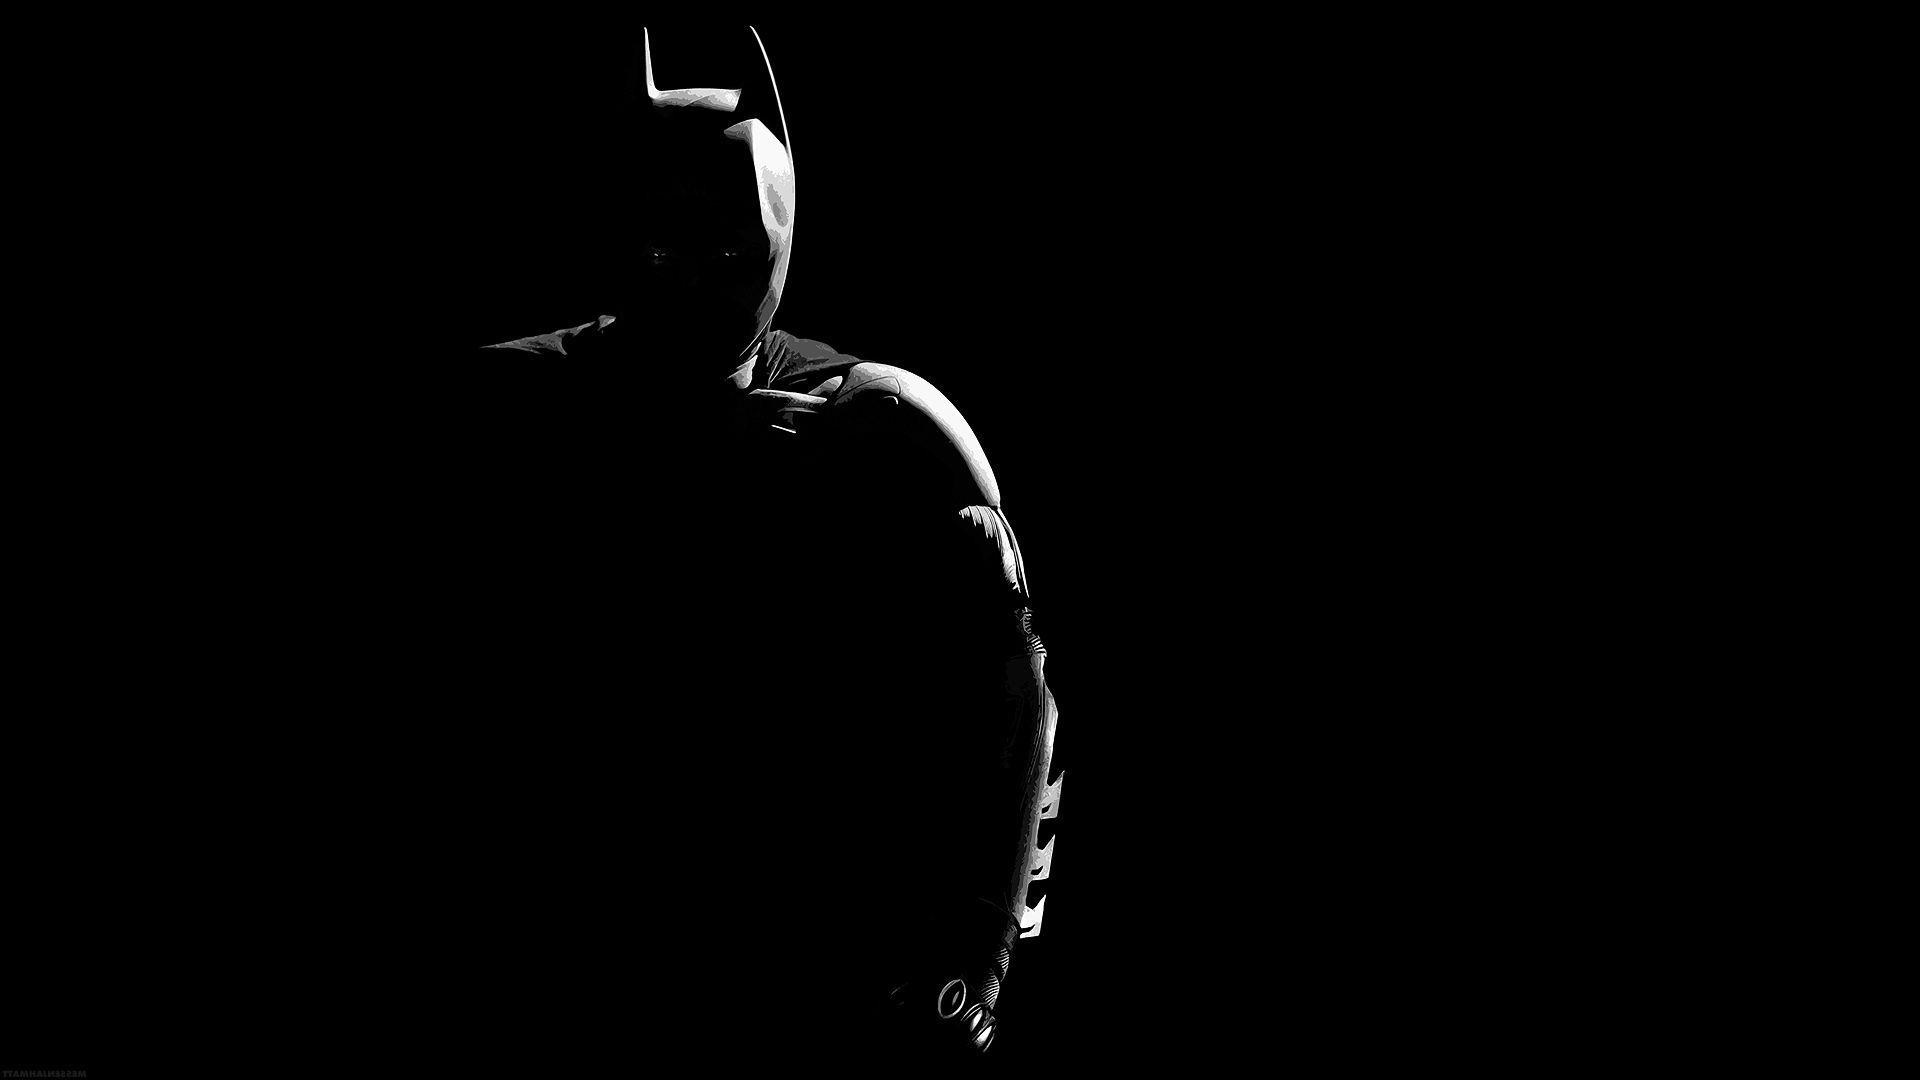 Batman V Superman Dawn Of Justice Wallpaper HD 12316 Wallpaper High 1920x1080